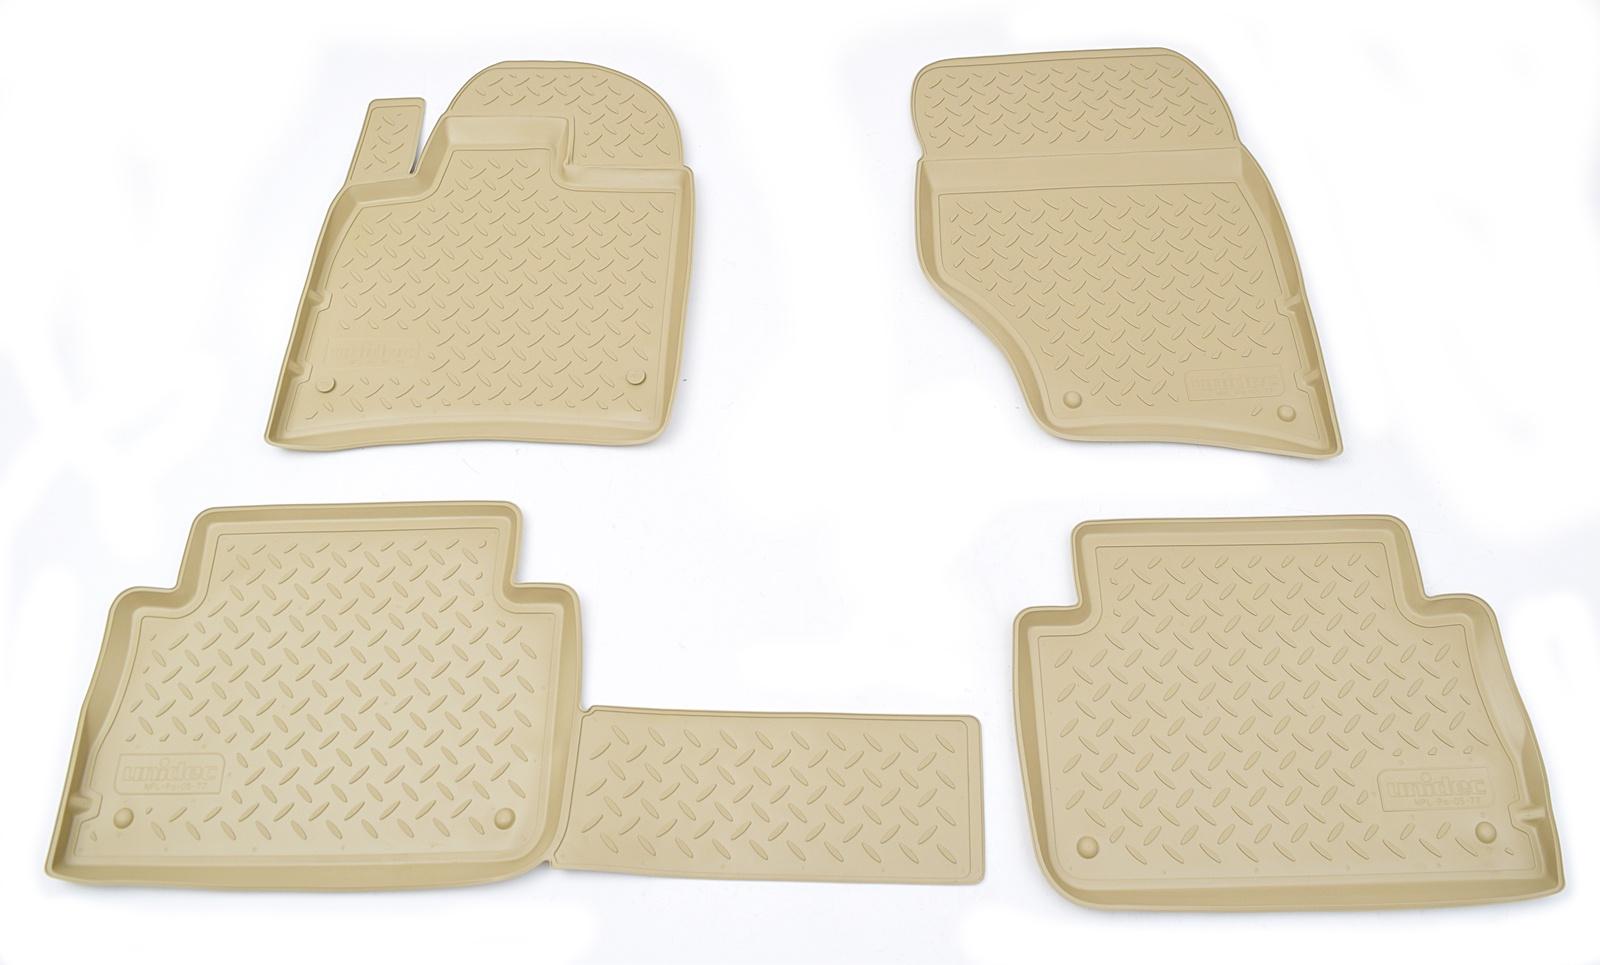 Коврики в салон автомобиля Norplast для Audi Q7 4LB 2005, NPL-Po-05-77-B, бежевый цены